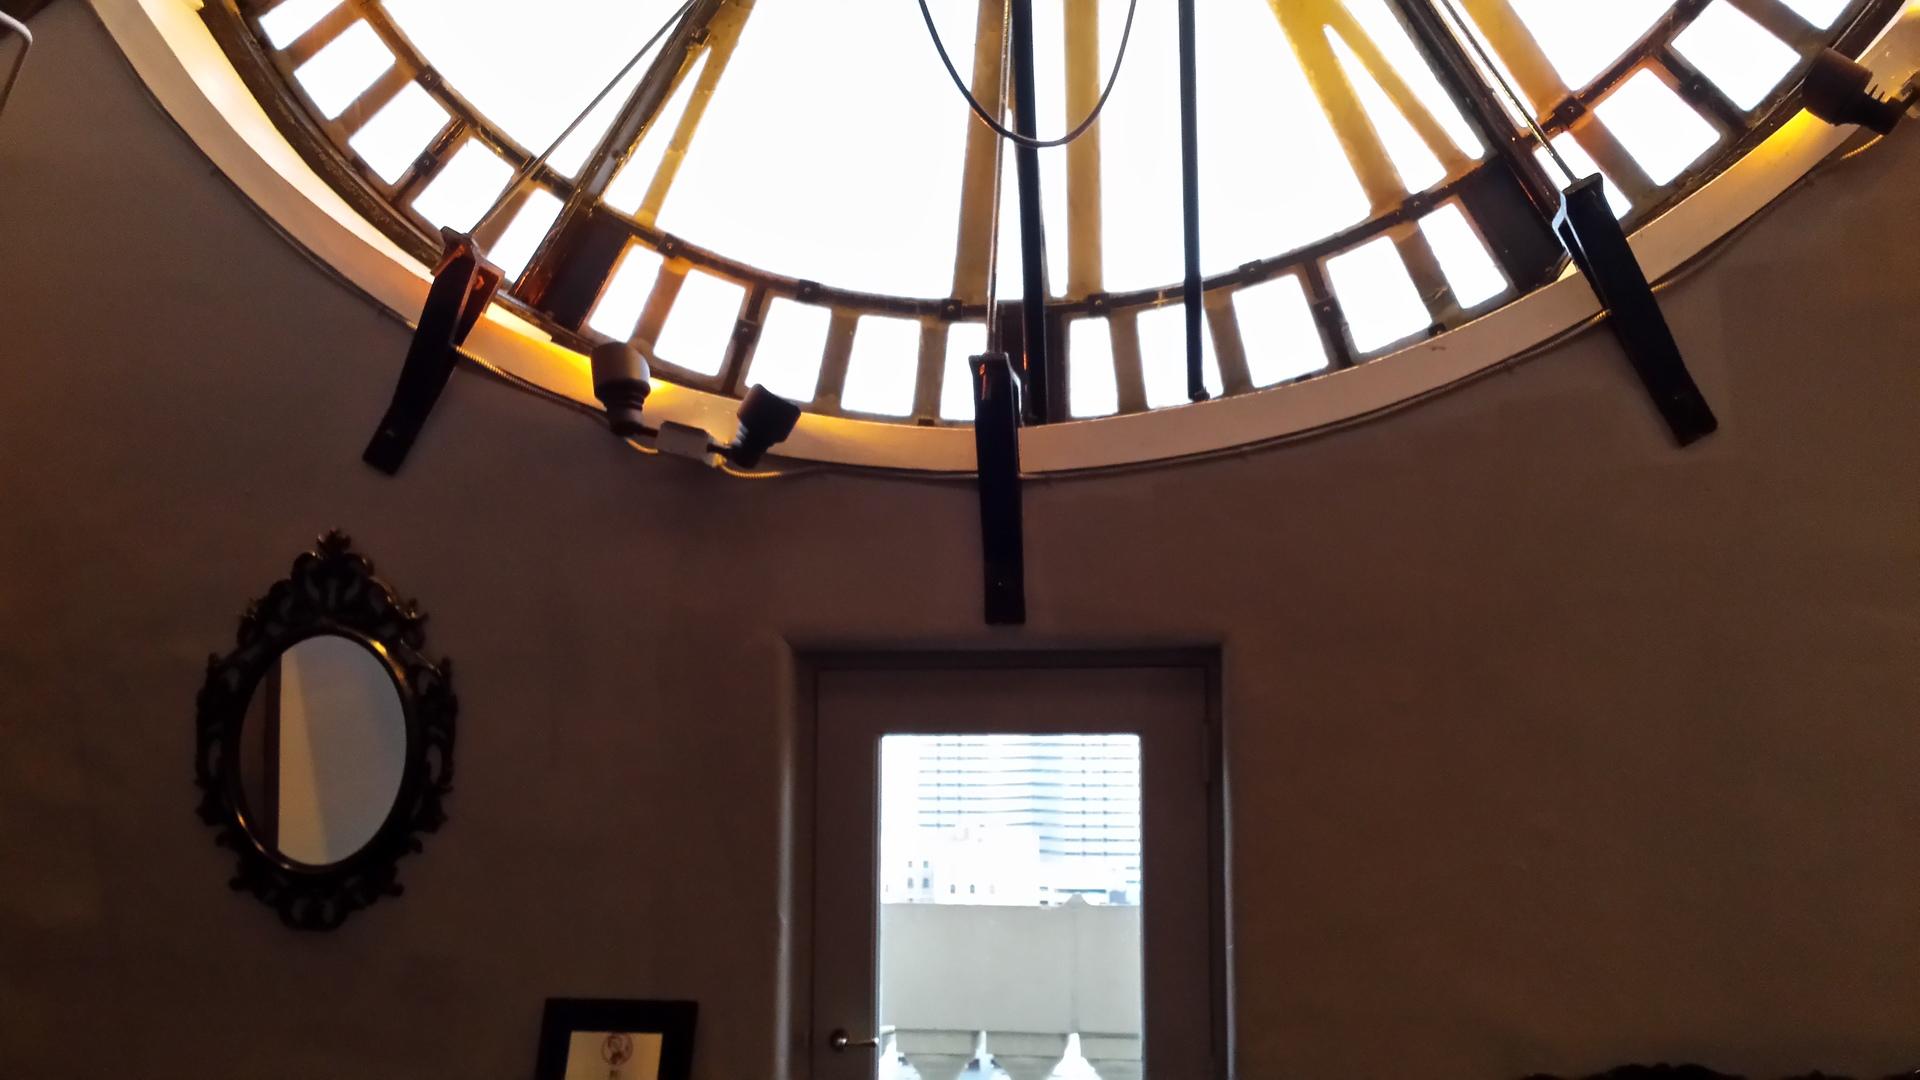 Bottom of Clock. Inside the clock tower in Denver